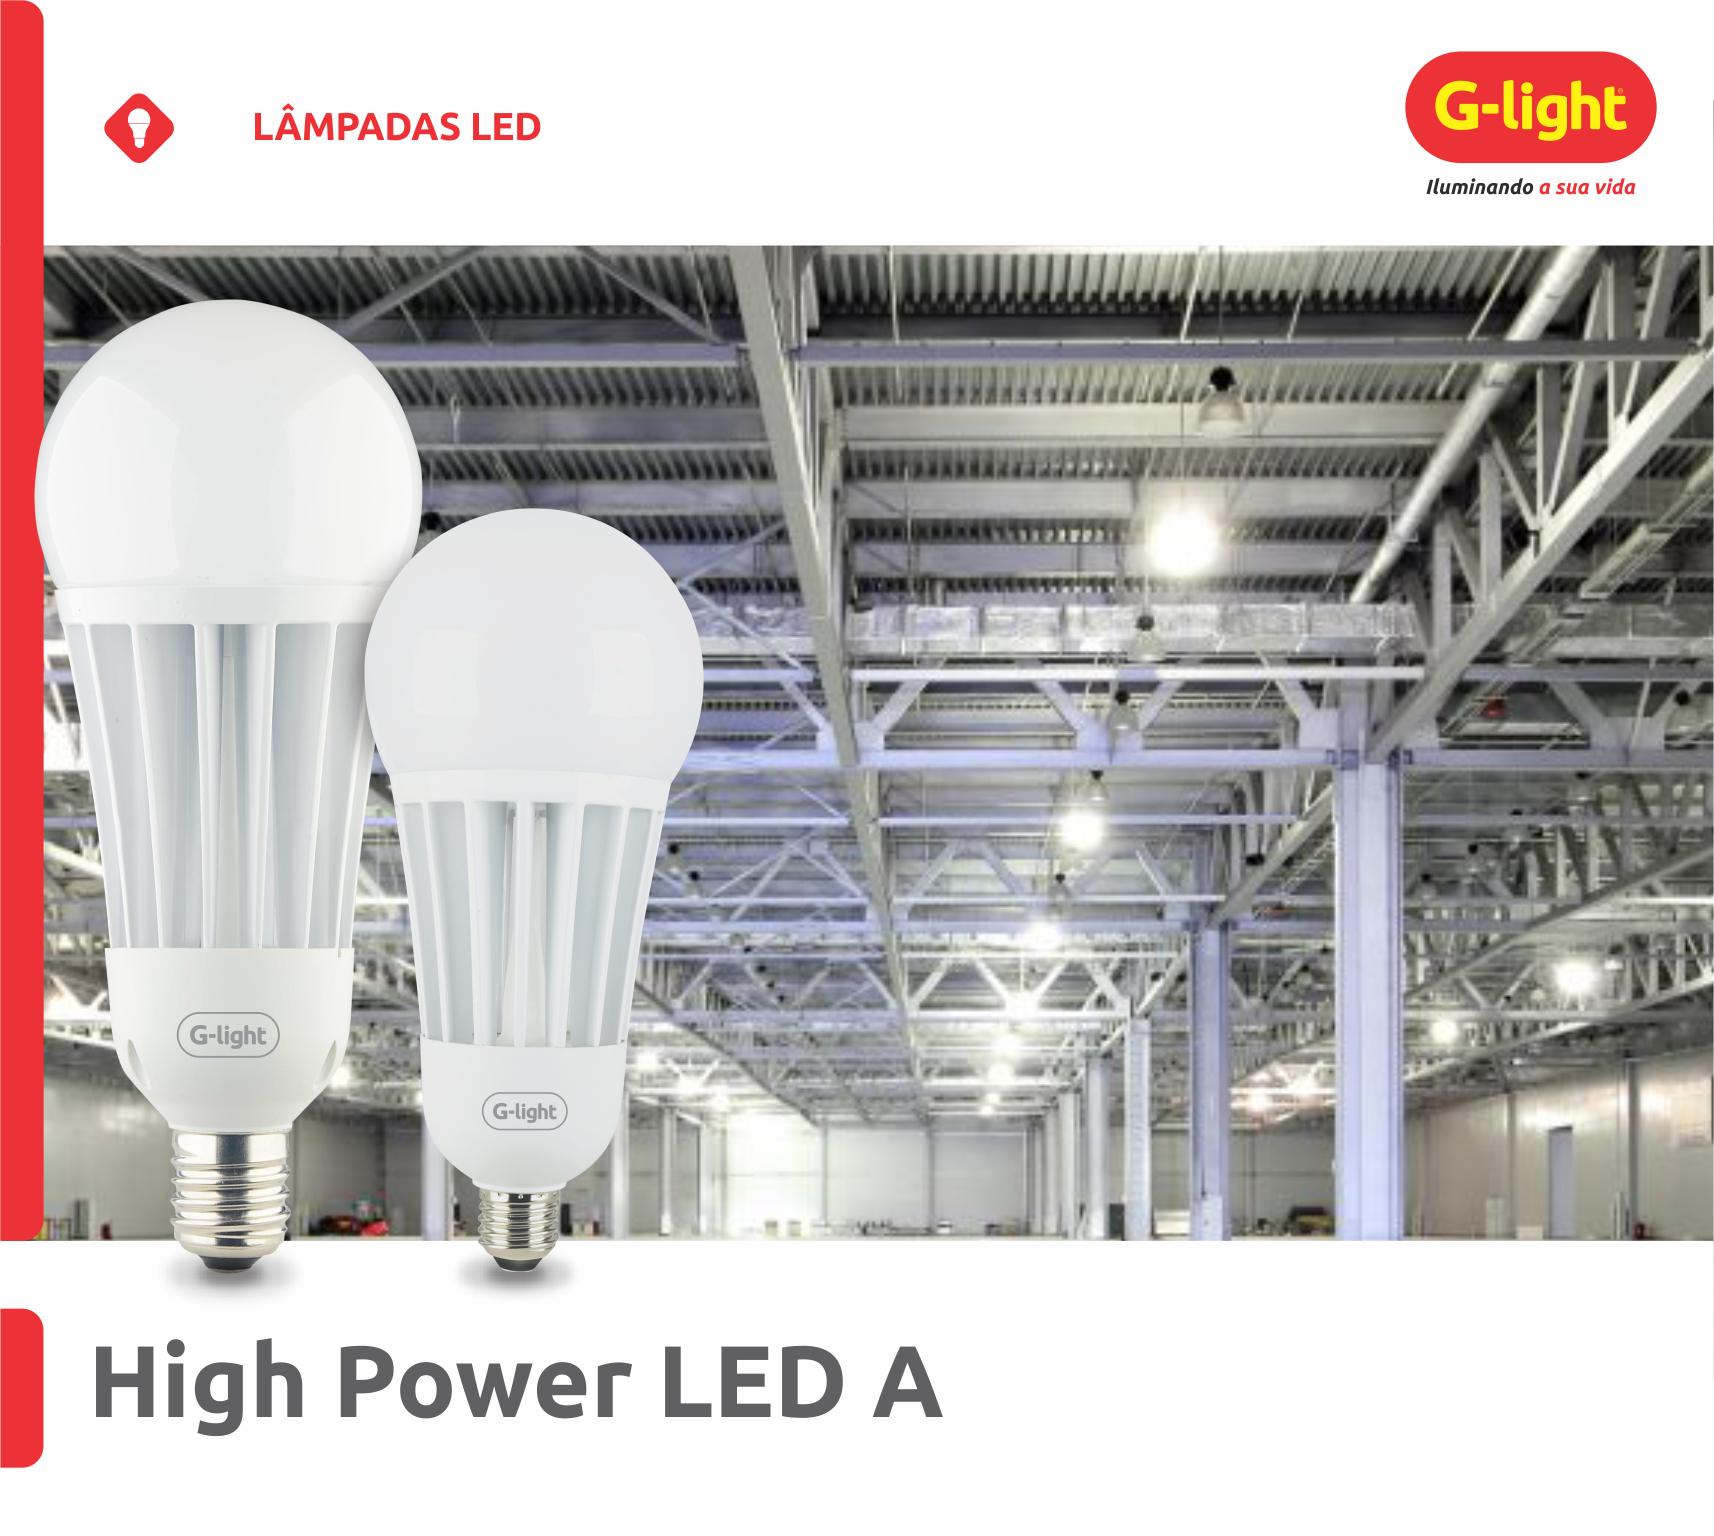 High Power LED A